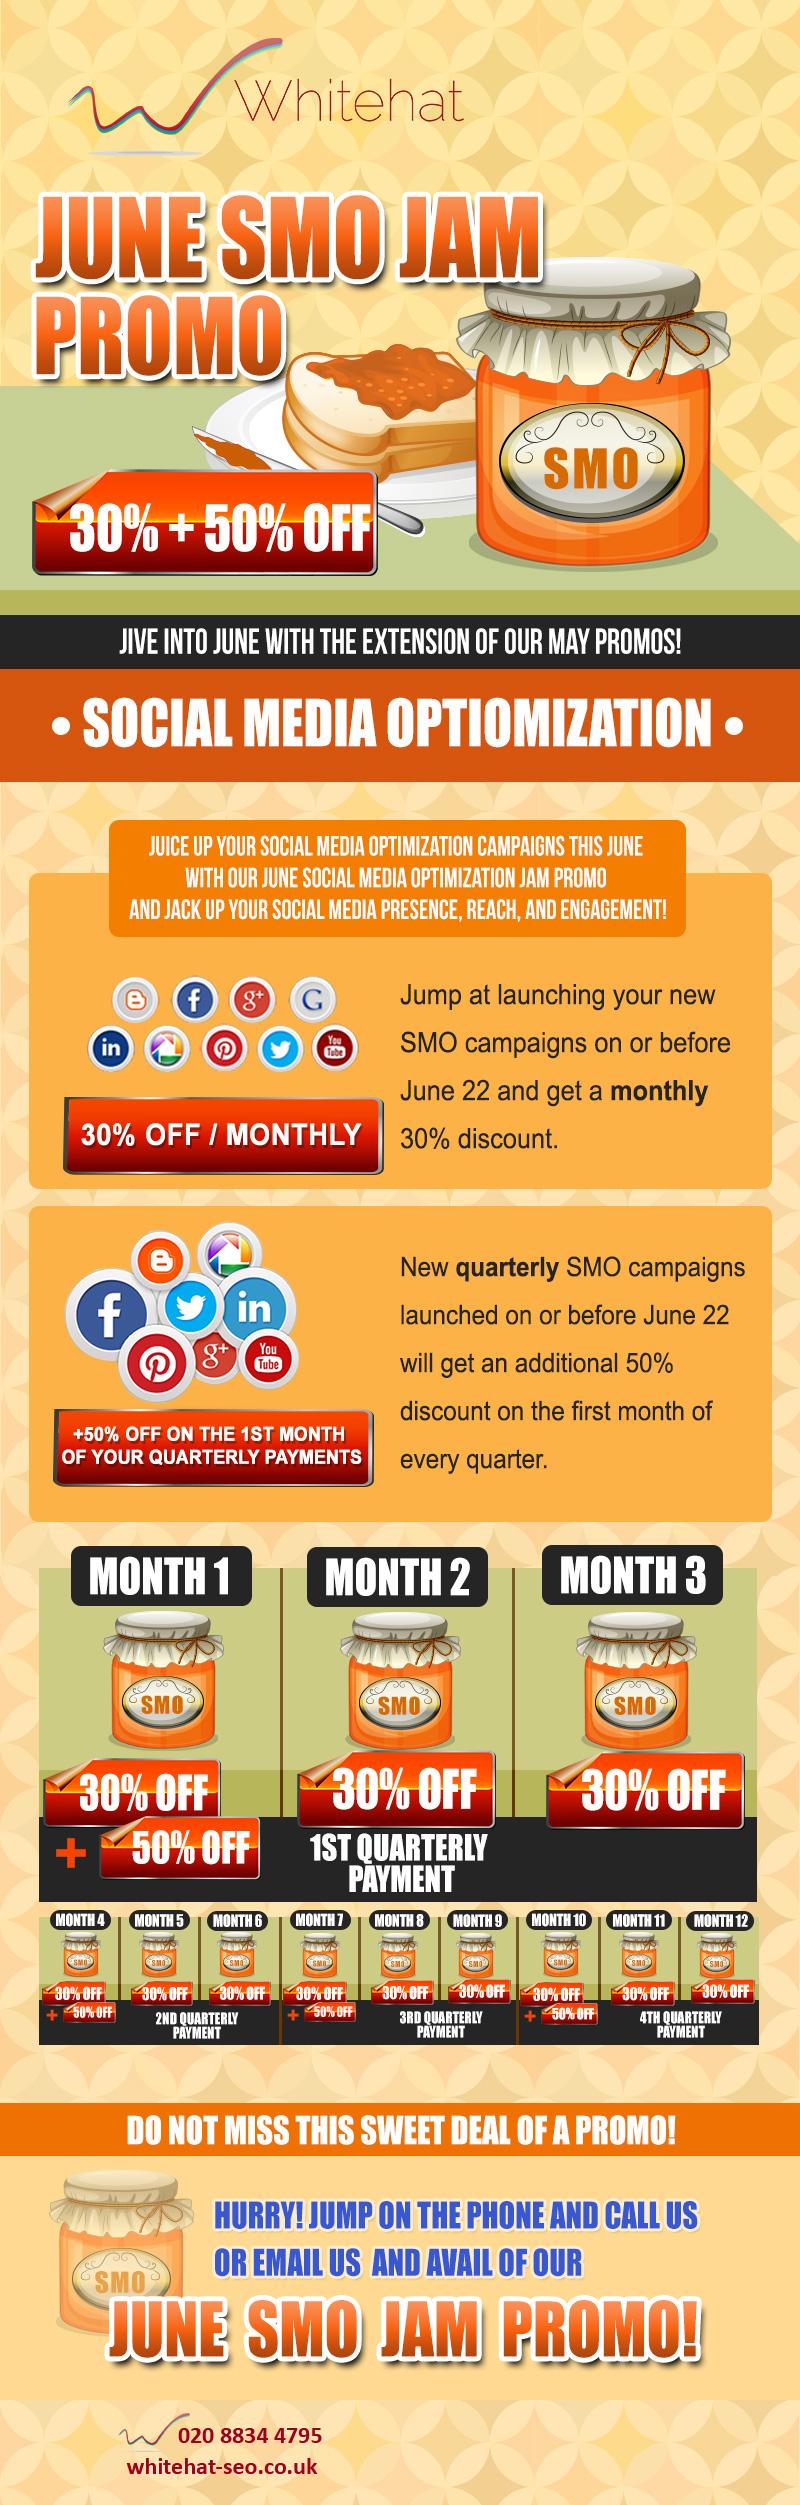 Whitehat June SMO Promotion - Social Media